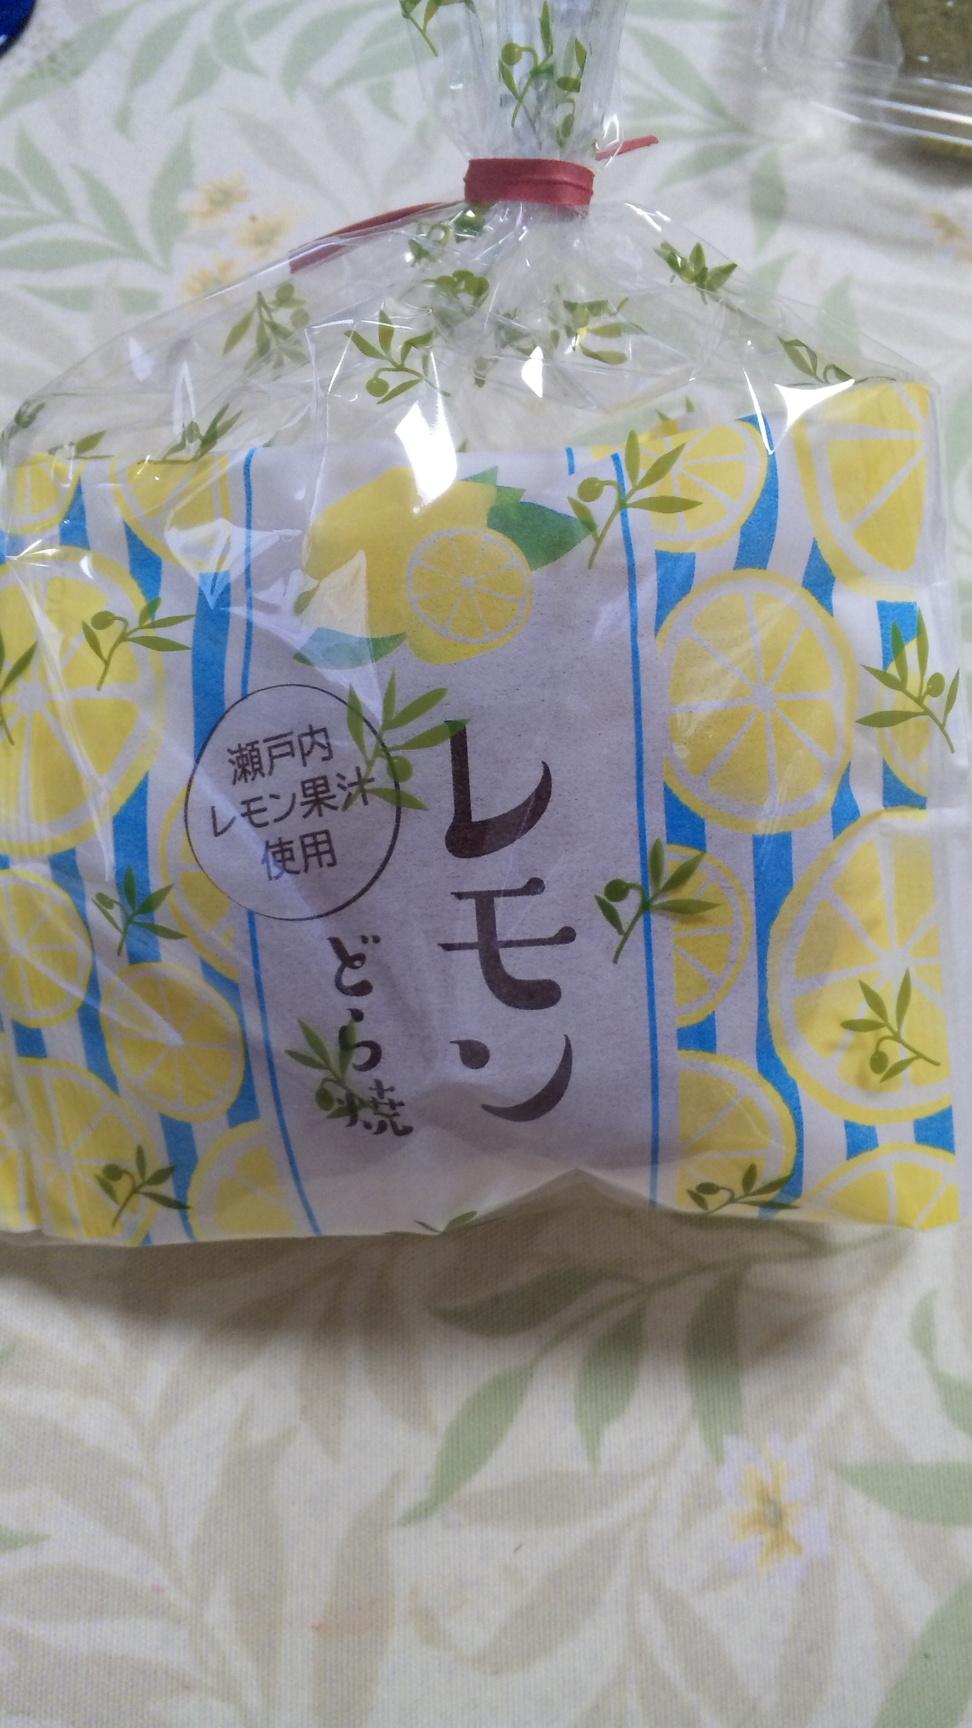 柿安 口福堂 静岡パルシェ店 name=